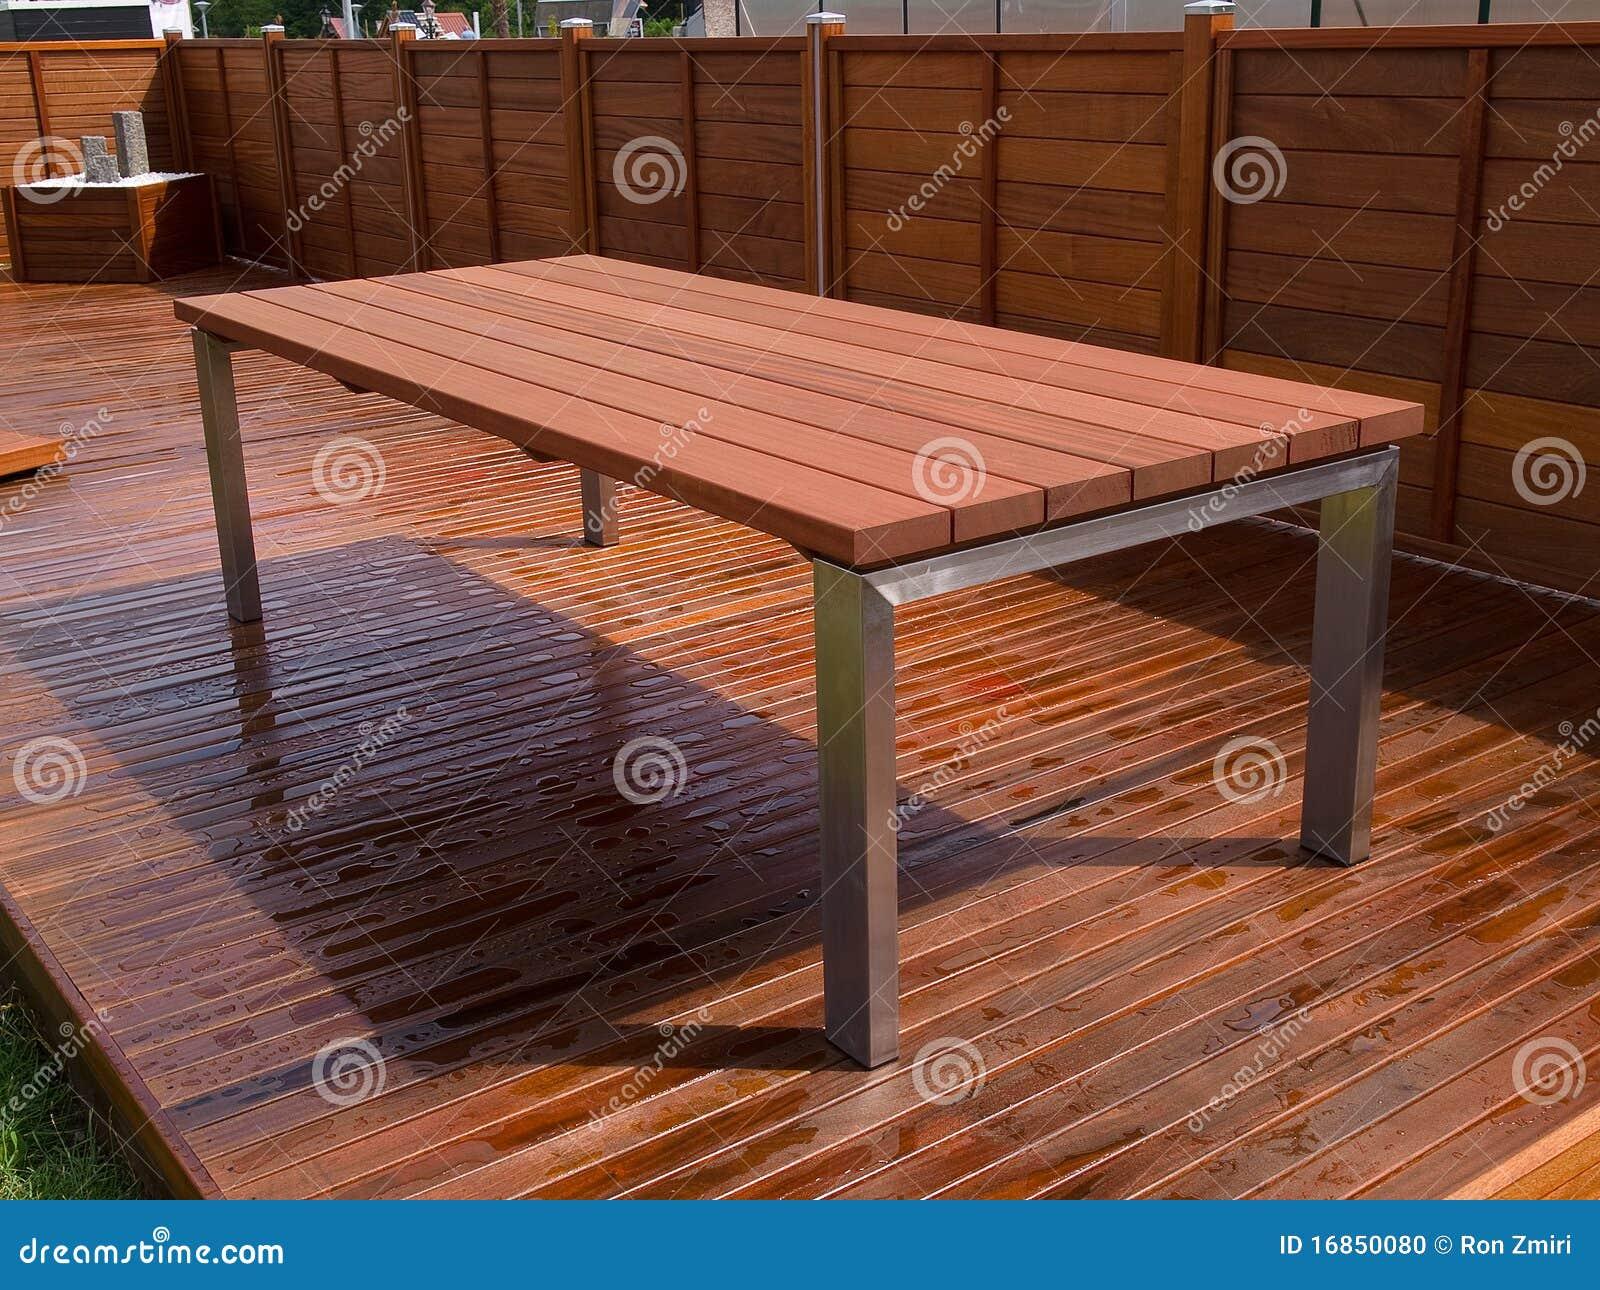 Table Tv Bois Dur Fenrez Com Sammlung Von Design Zeichnungen  # Table Tv Bois Dur